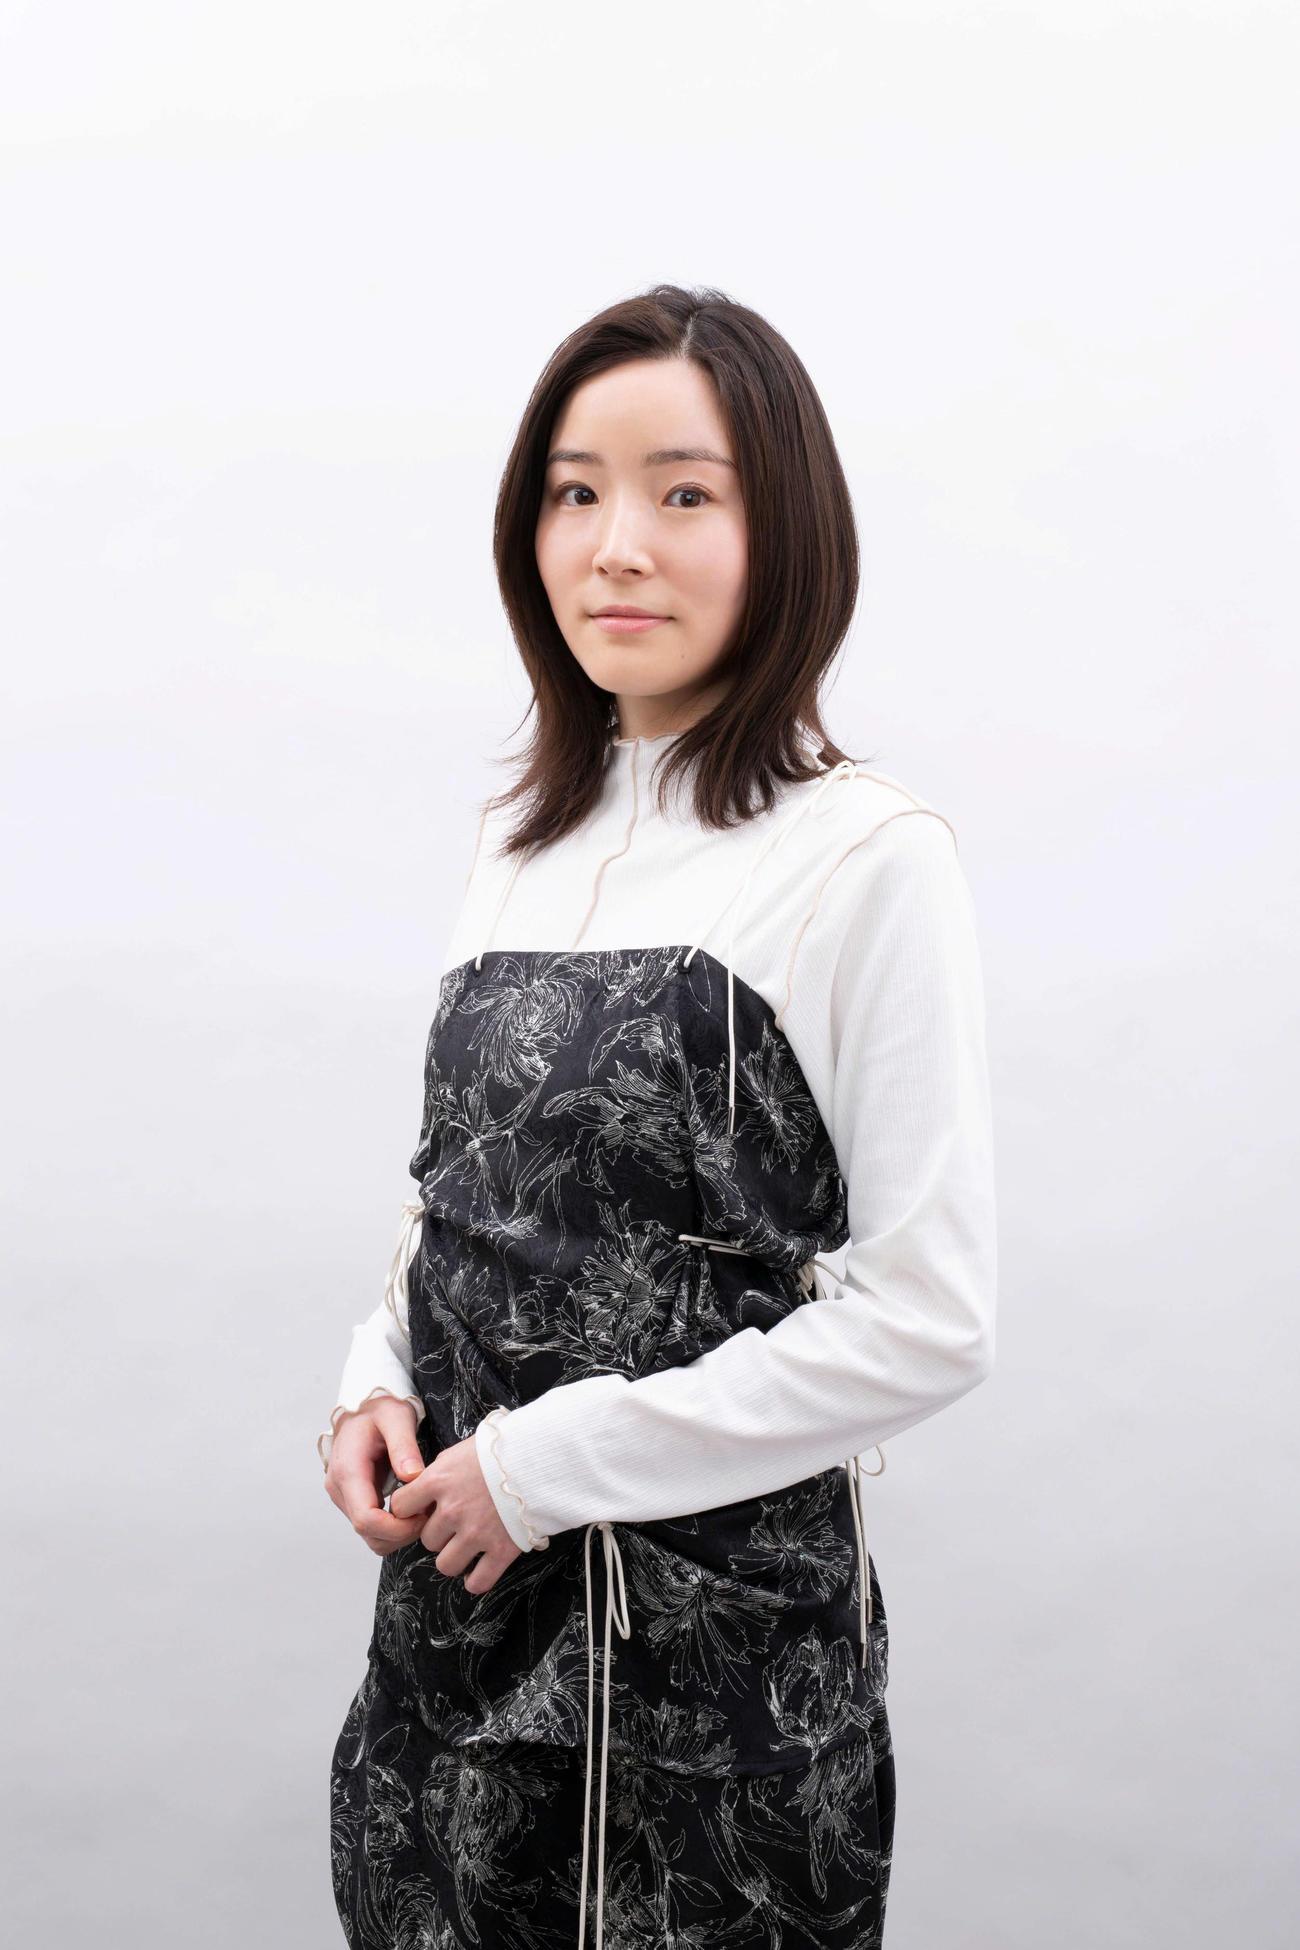 4月スタートのテレビ東京系ドラマ「理想のオトコ」で主演を務める蓮佛美沙子(C)「理想のオトコ」製作委員会